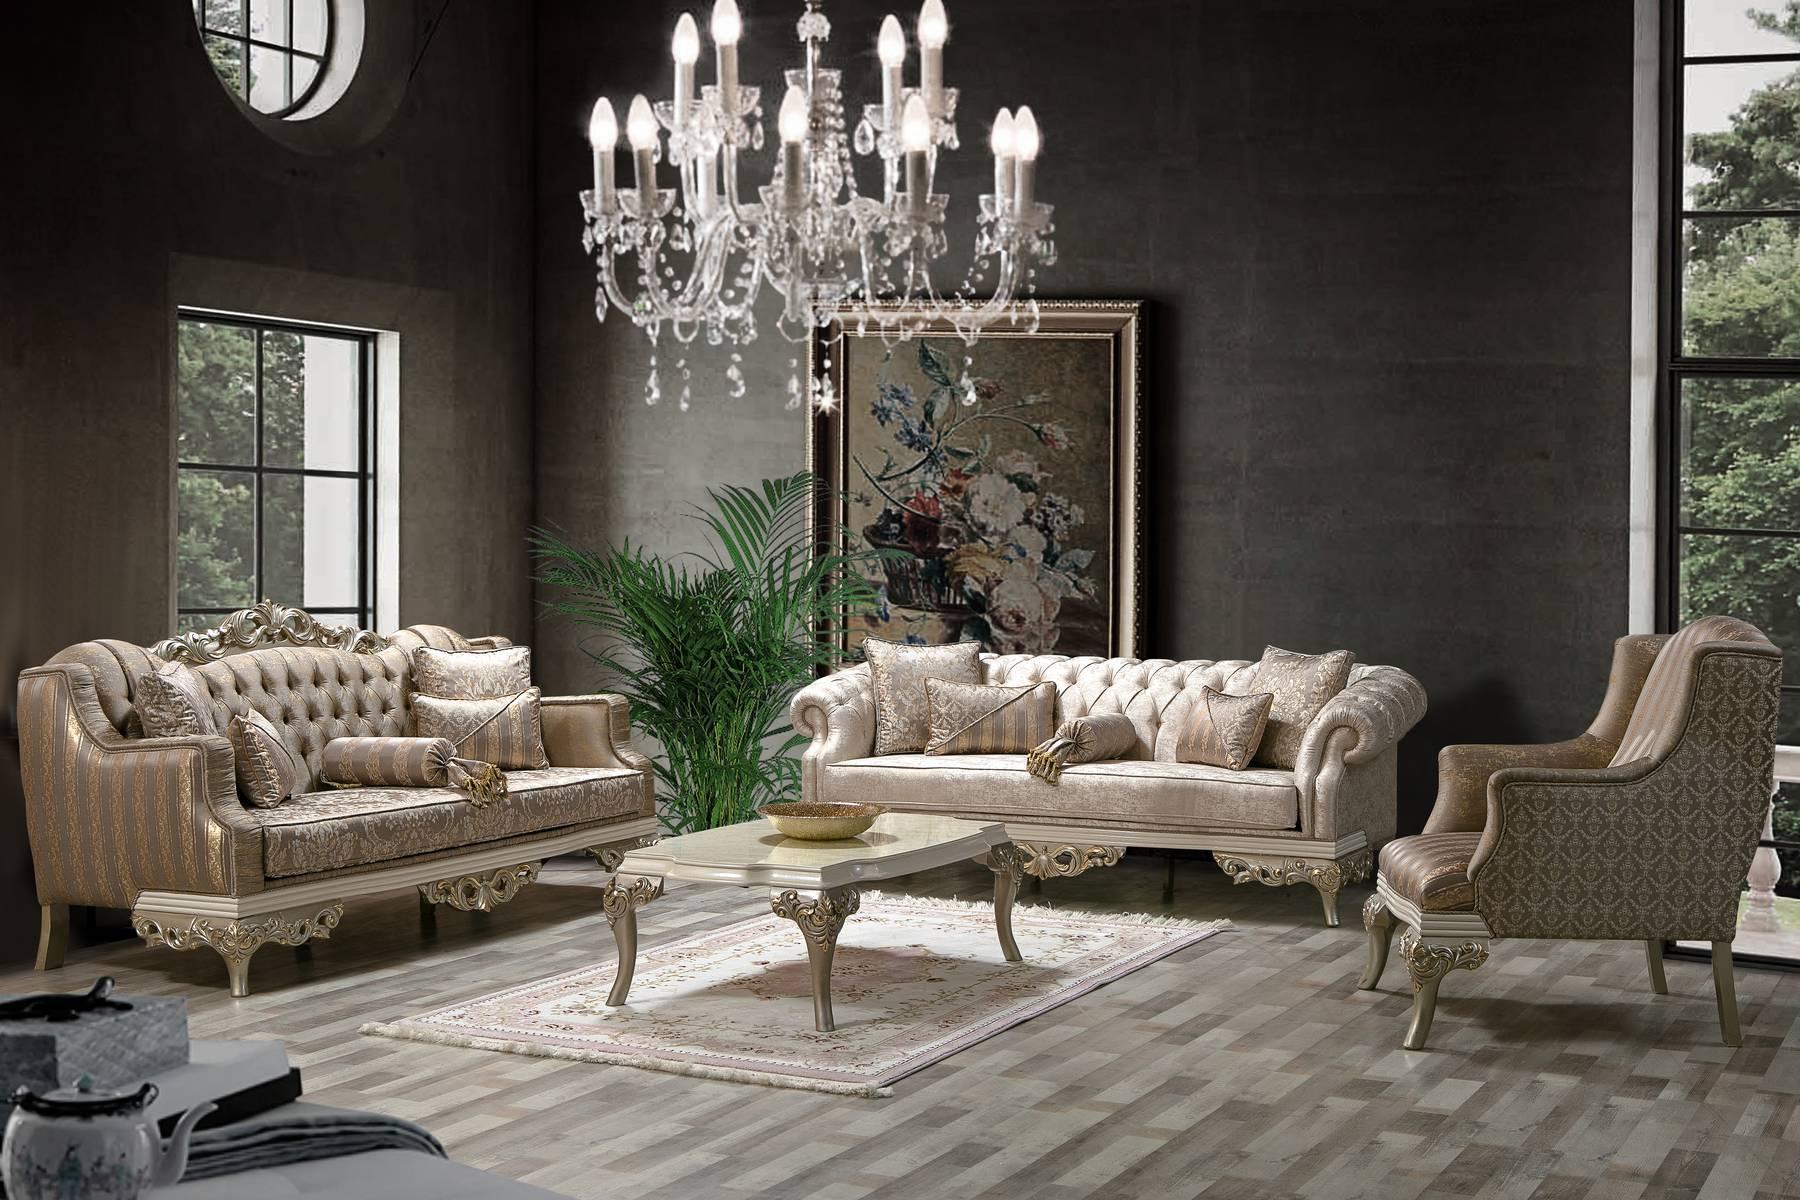 Купить элитную классическую мебель от производителя